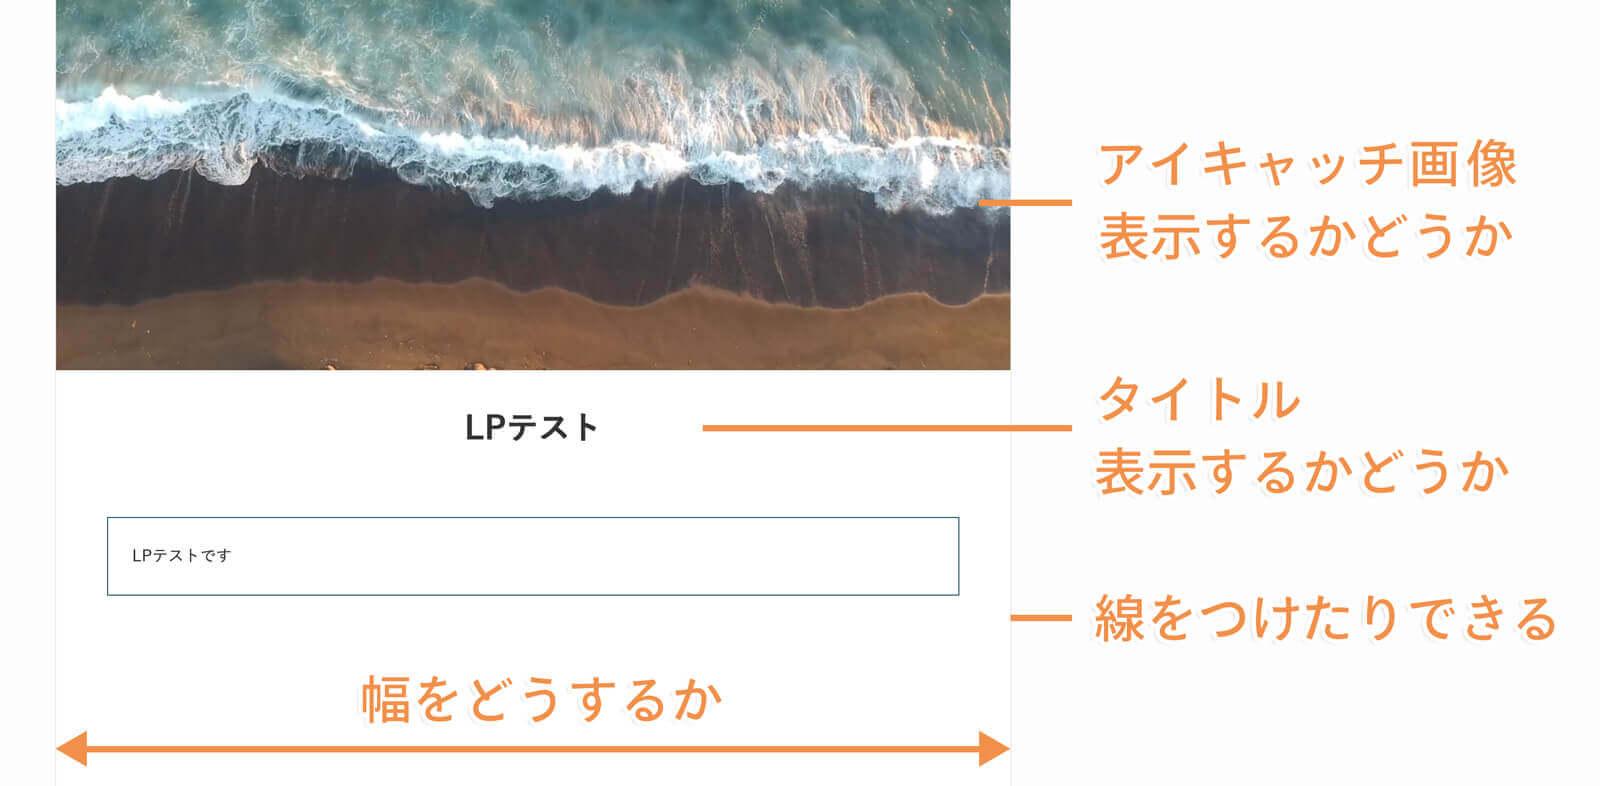 LPの設定項目説明画像